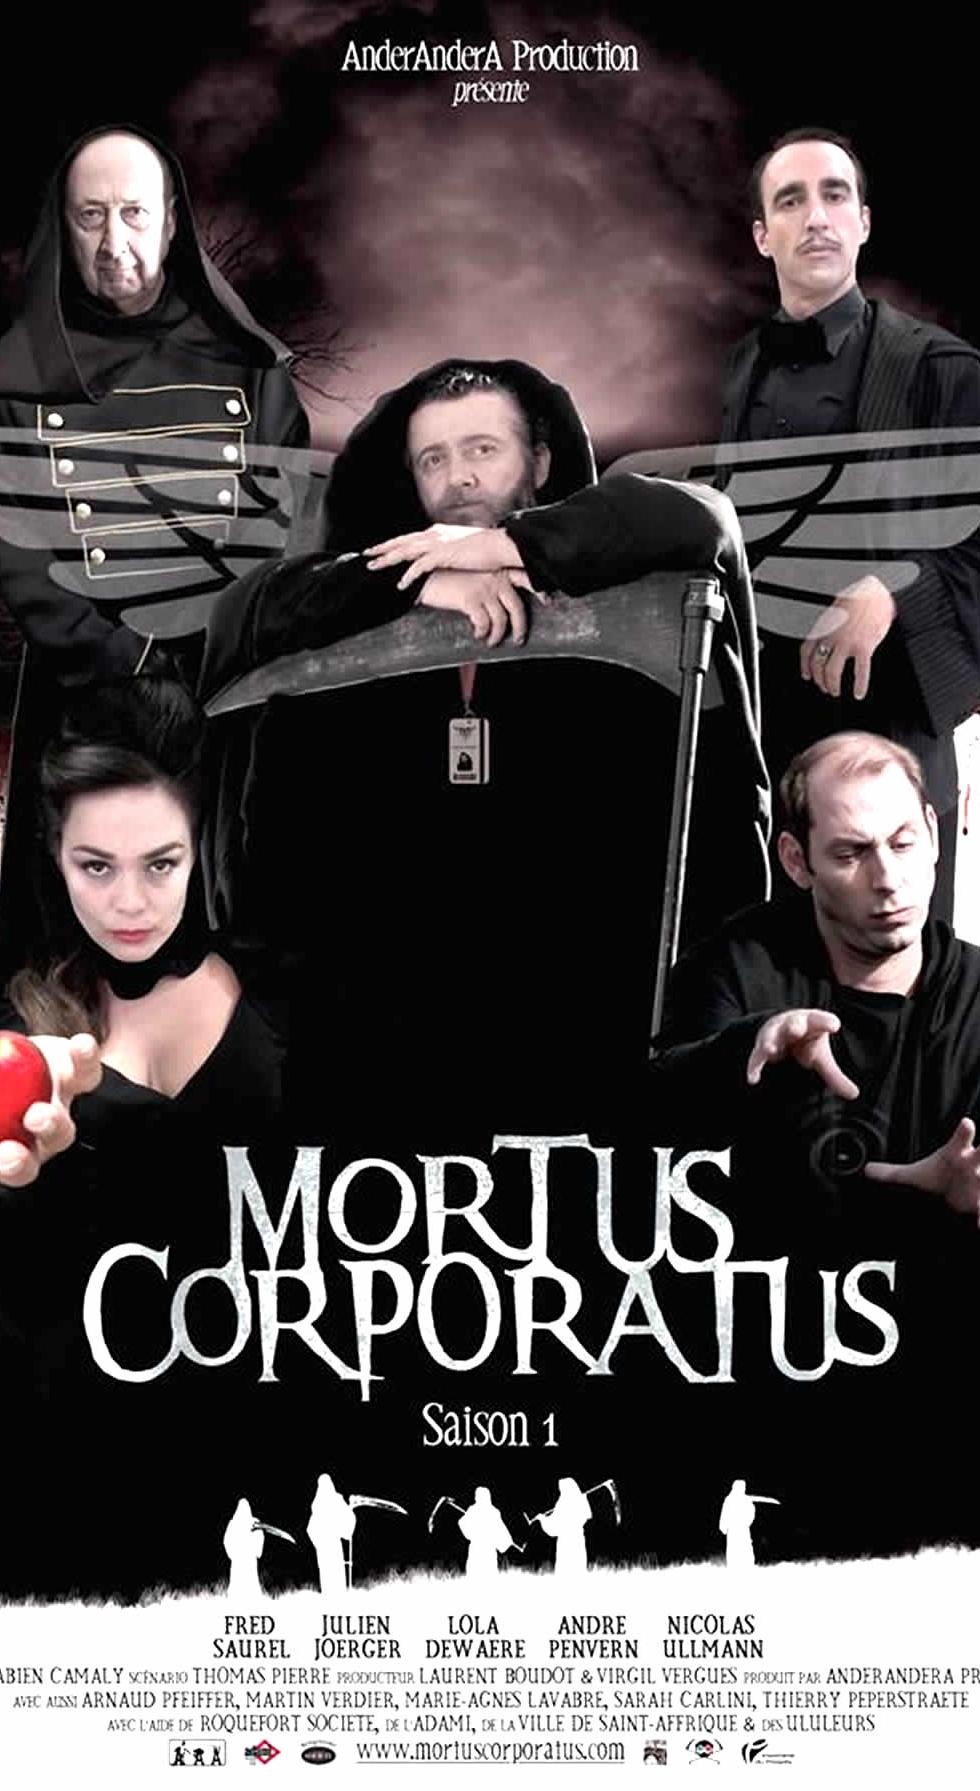 mortus-corporatus-affiche-saison-1